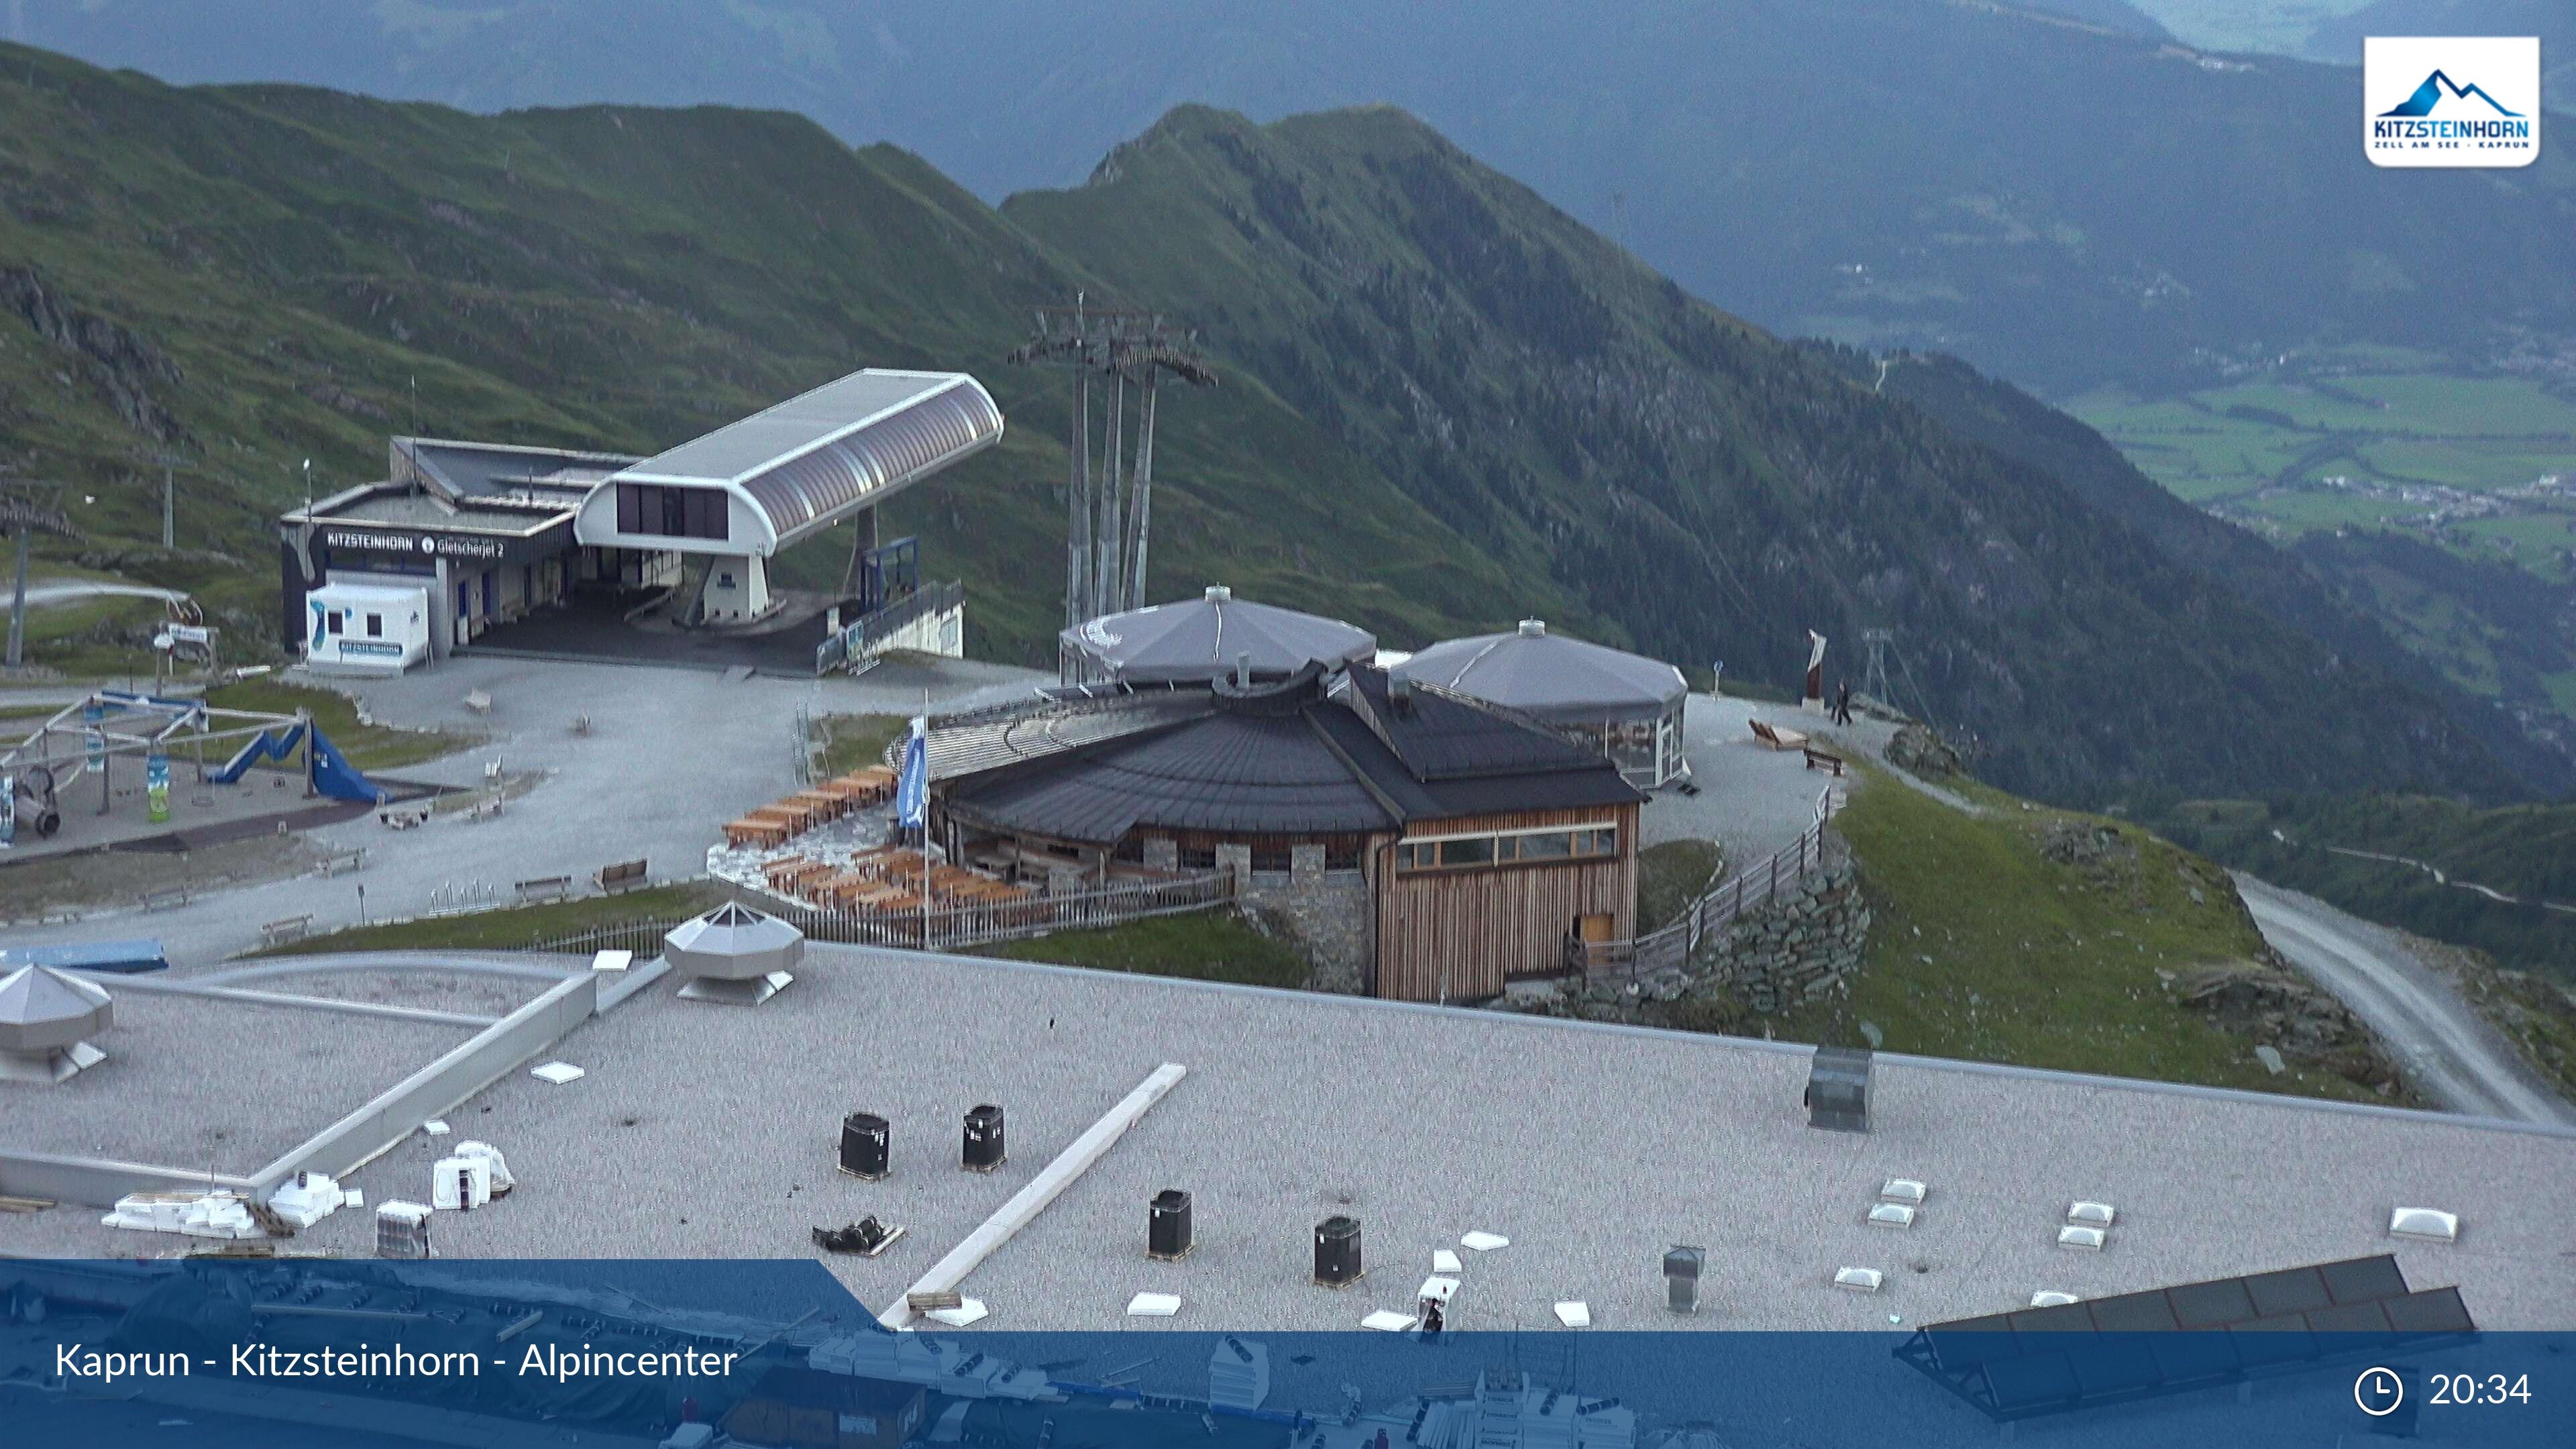 Webcam en Kitzsteinhorn - Alpincenter, Zell am See - Kaprun (Austria)